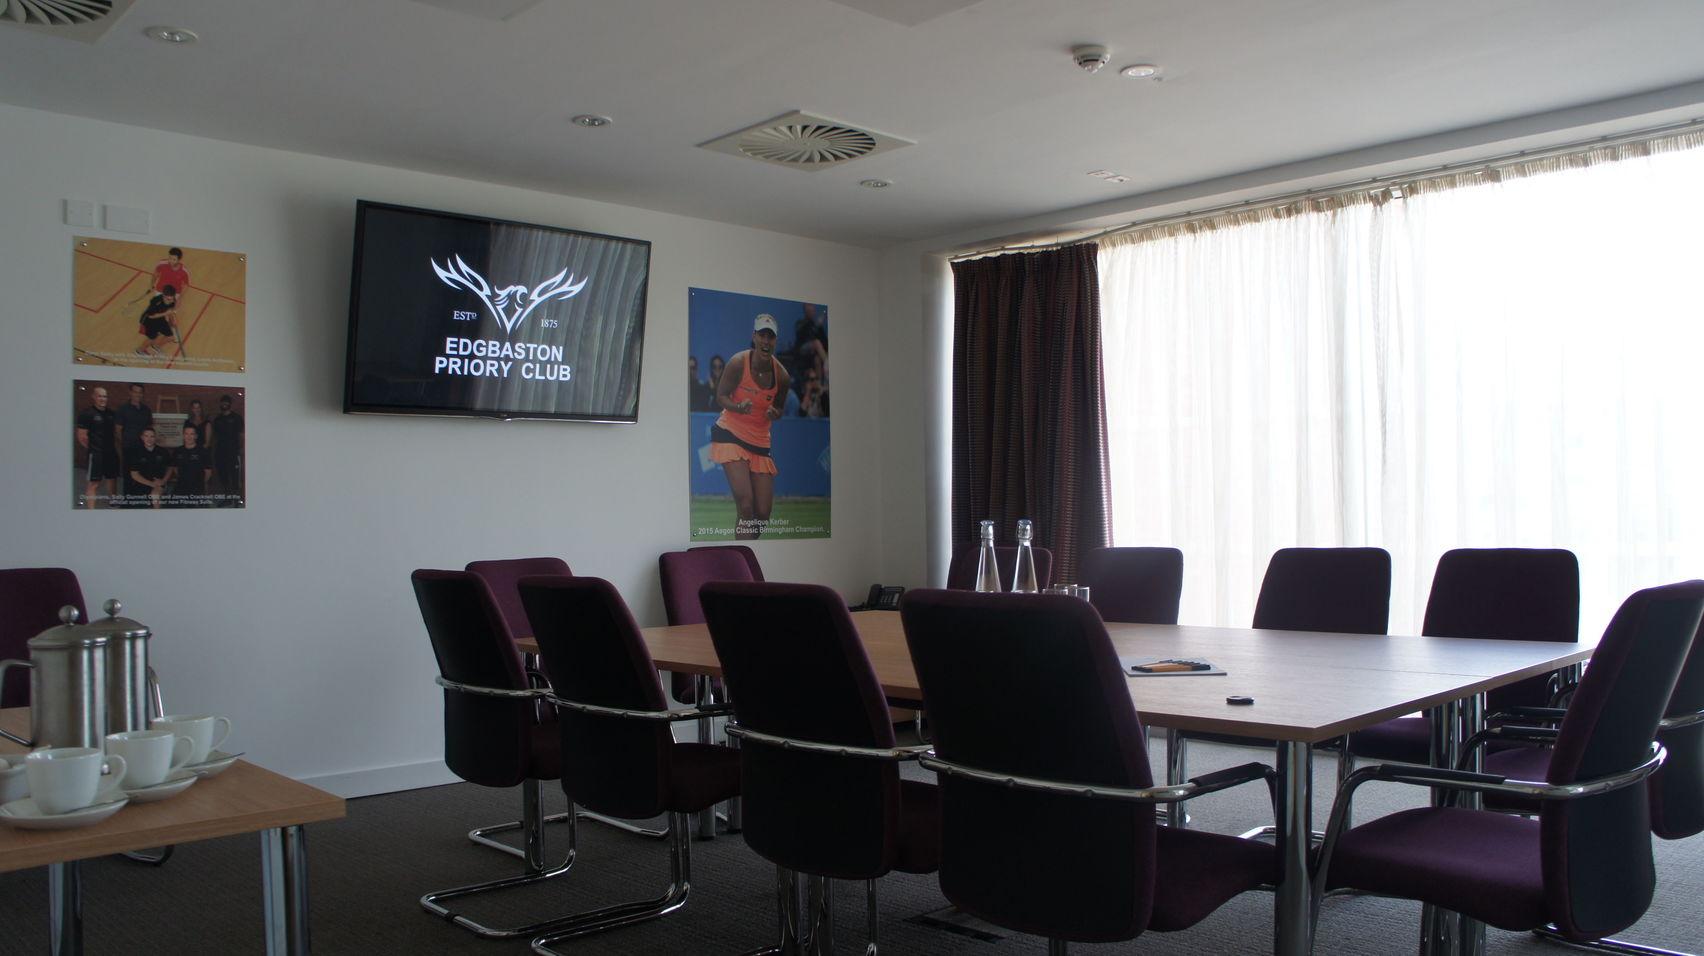 Meeting Room, Edgbaston Priory Club